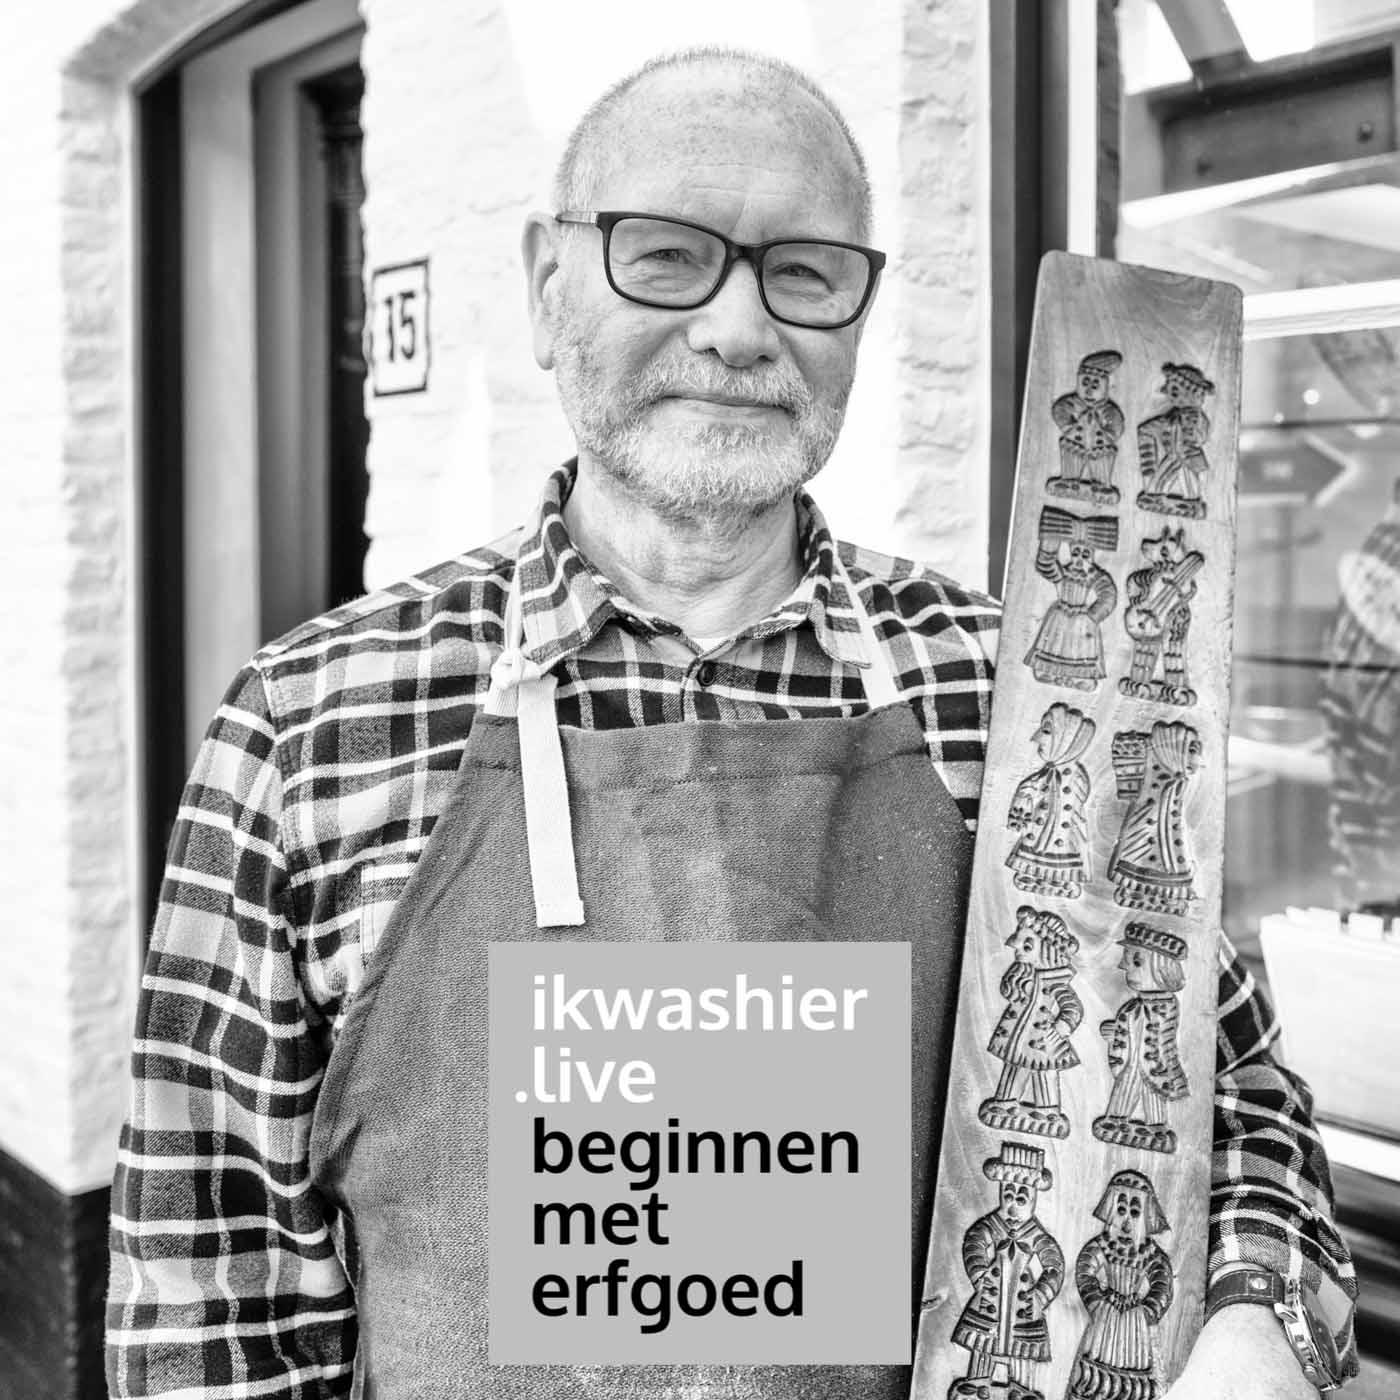 Speculoosbakker worden met Benoit Dendooven - Beginnen met erfgoed 103 - ikwashier.live in Brugge